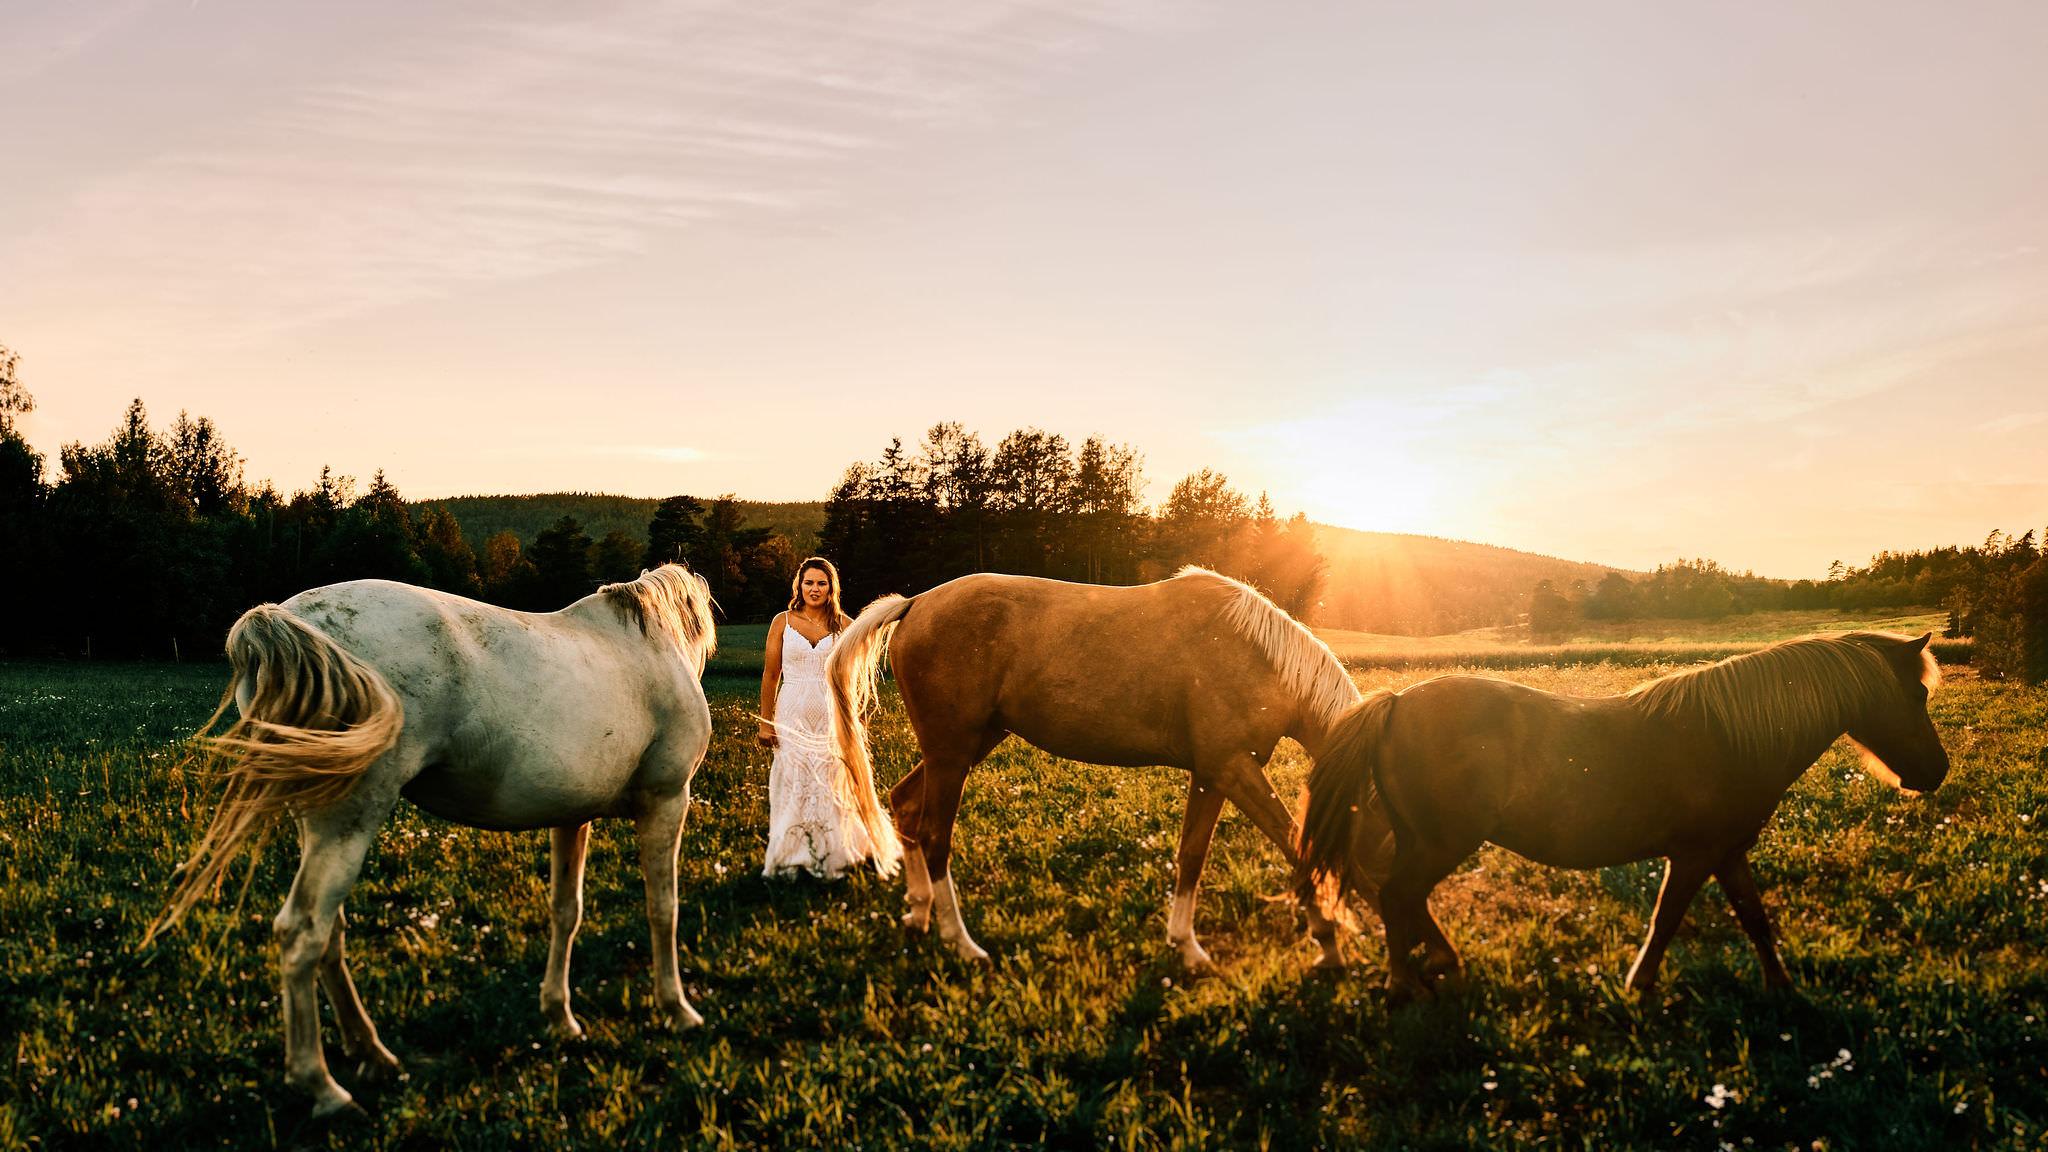 Jeanette og hestene i solnedgangen